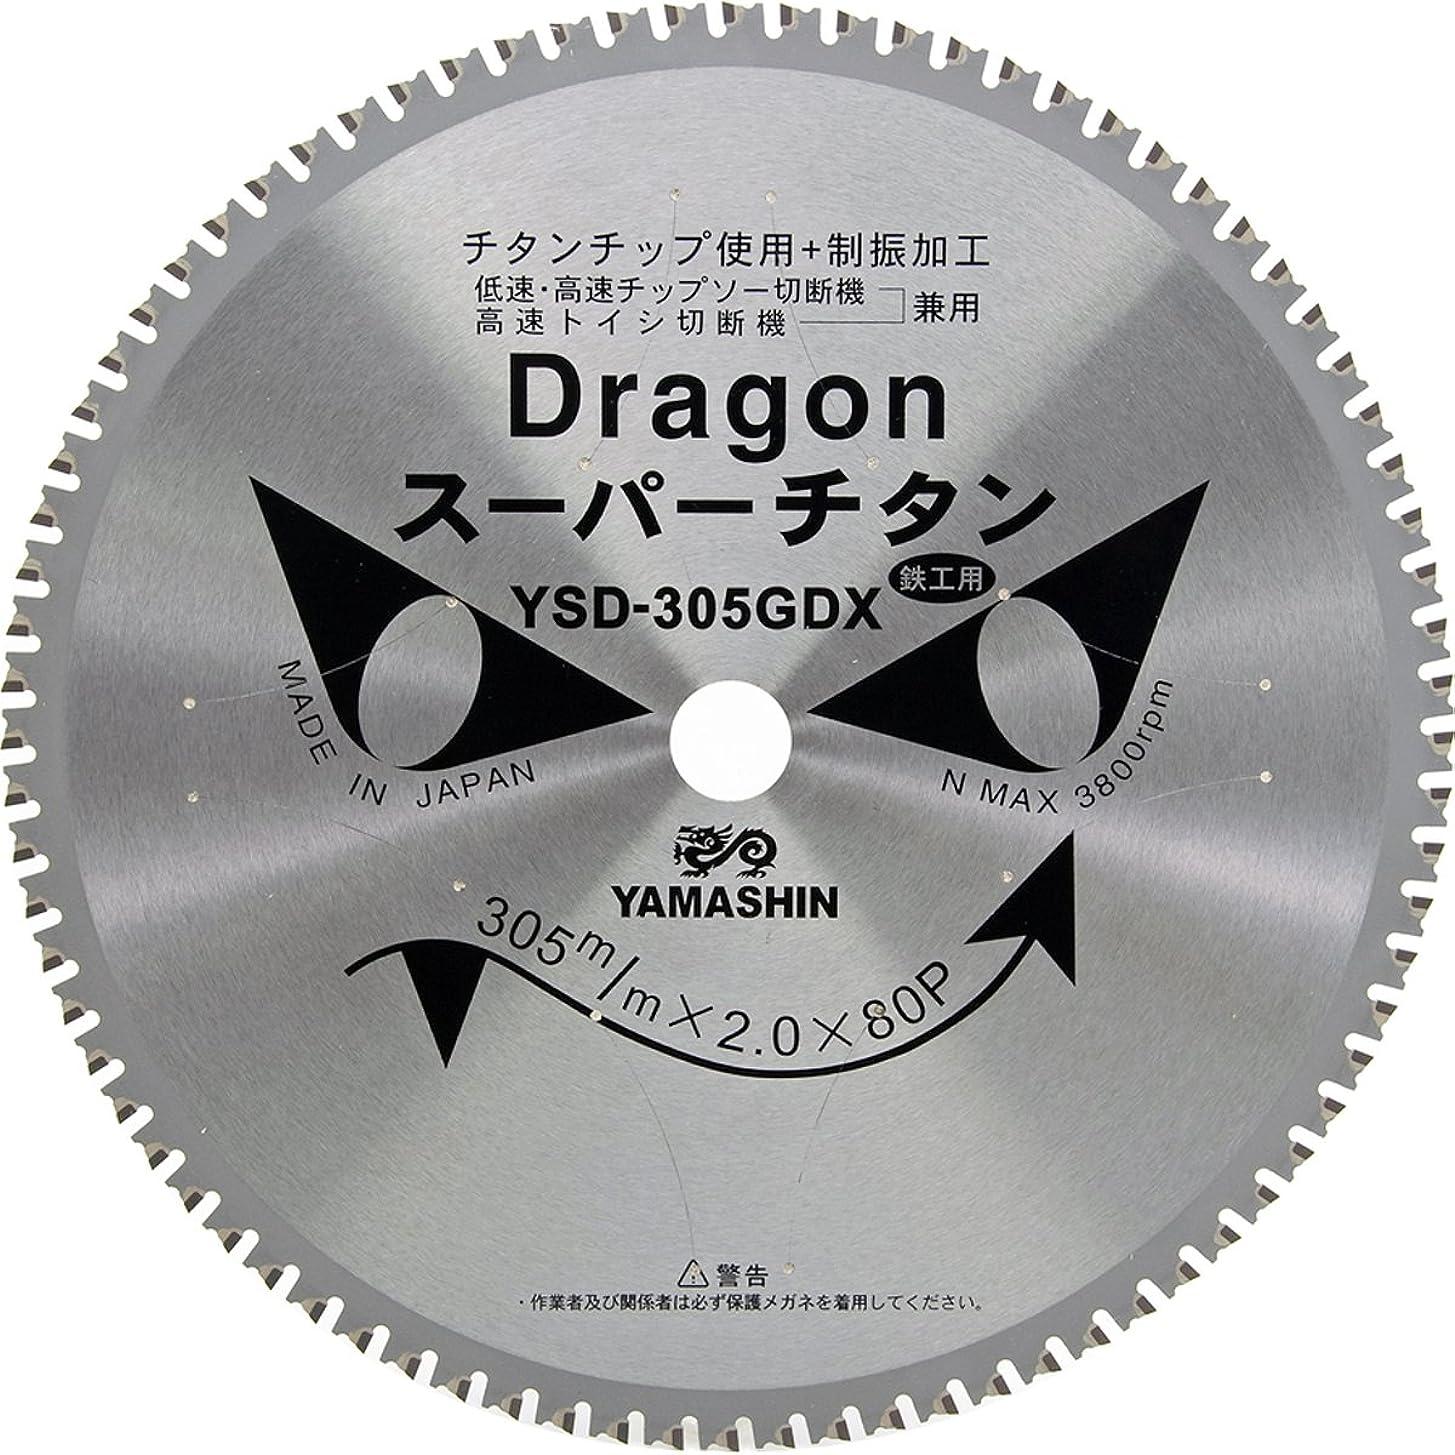 震えるフレット乱気流山真製鋸(YAMASHIN) ドラゴンカッター (鉄工用) 高速トイシ切断機用 305mmx80P TDT-YSD-305GDX